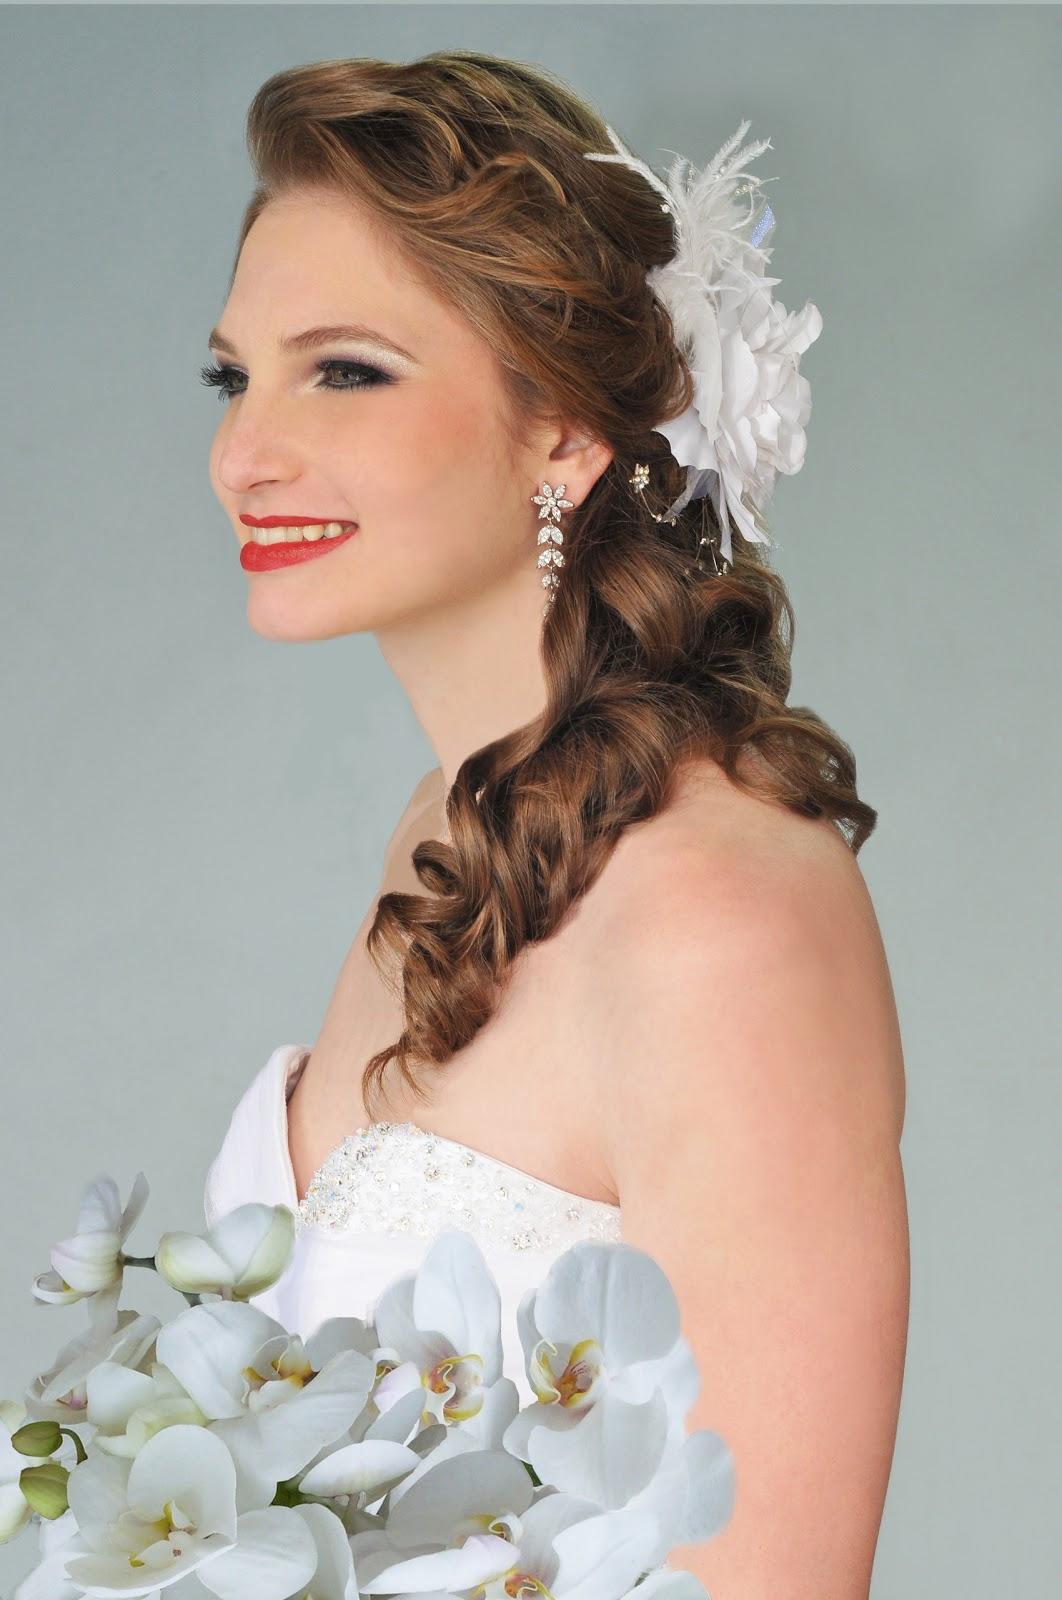 Fotos De Bouquet De Flores Do Campo - Escolhendo o bouquet Perfeito Casamento – RJ